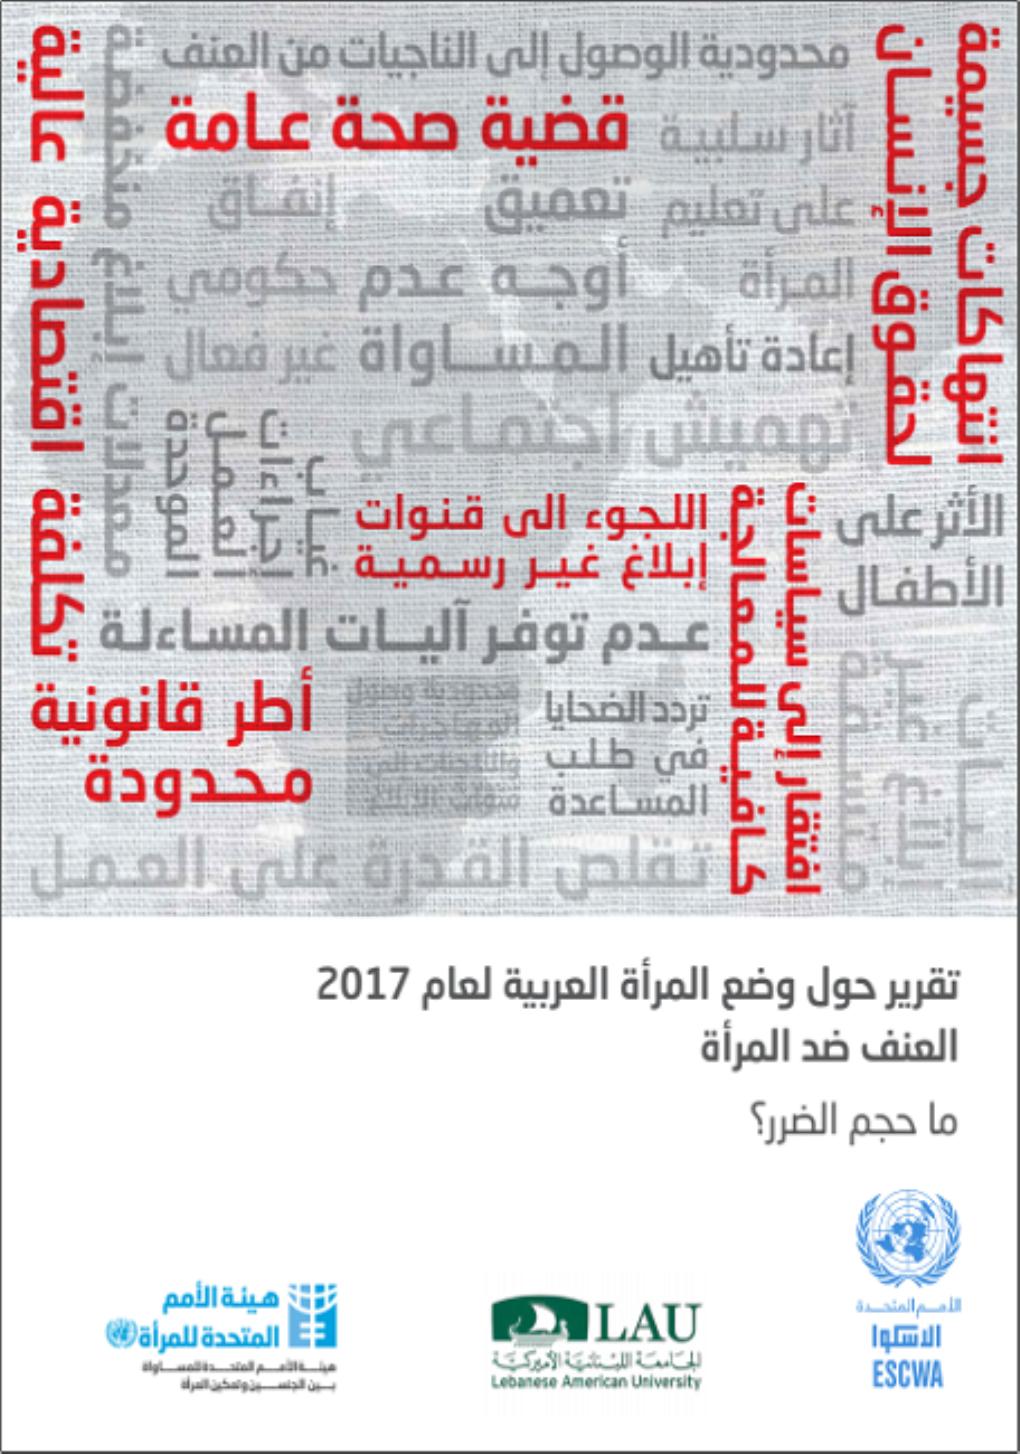 تقرير حول وضع المرأة العربية لعام 2017